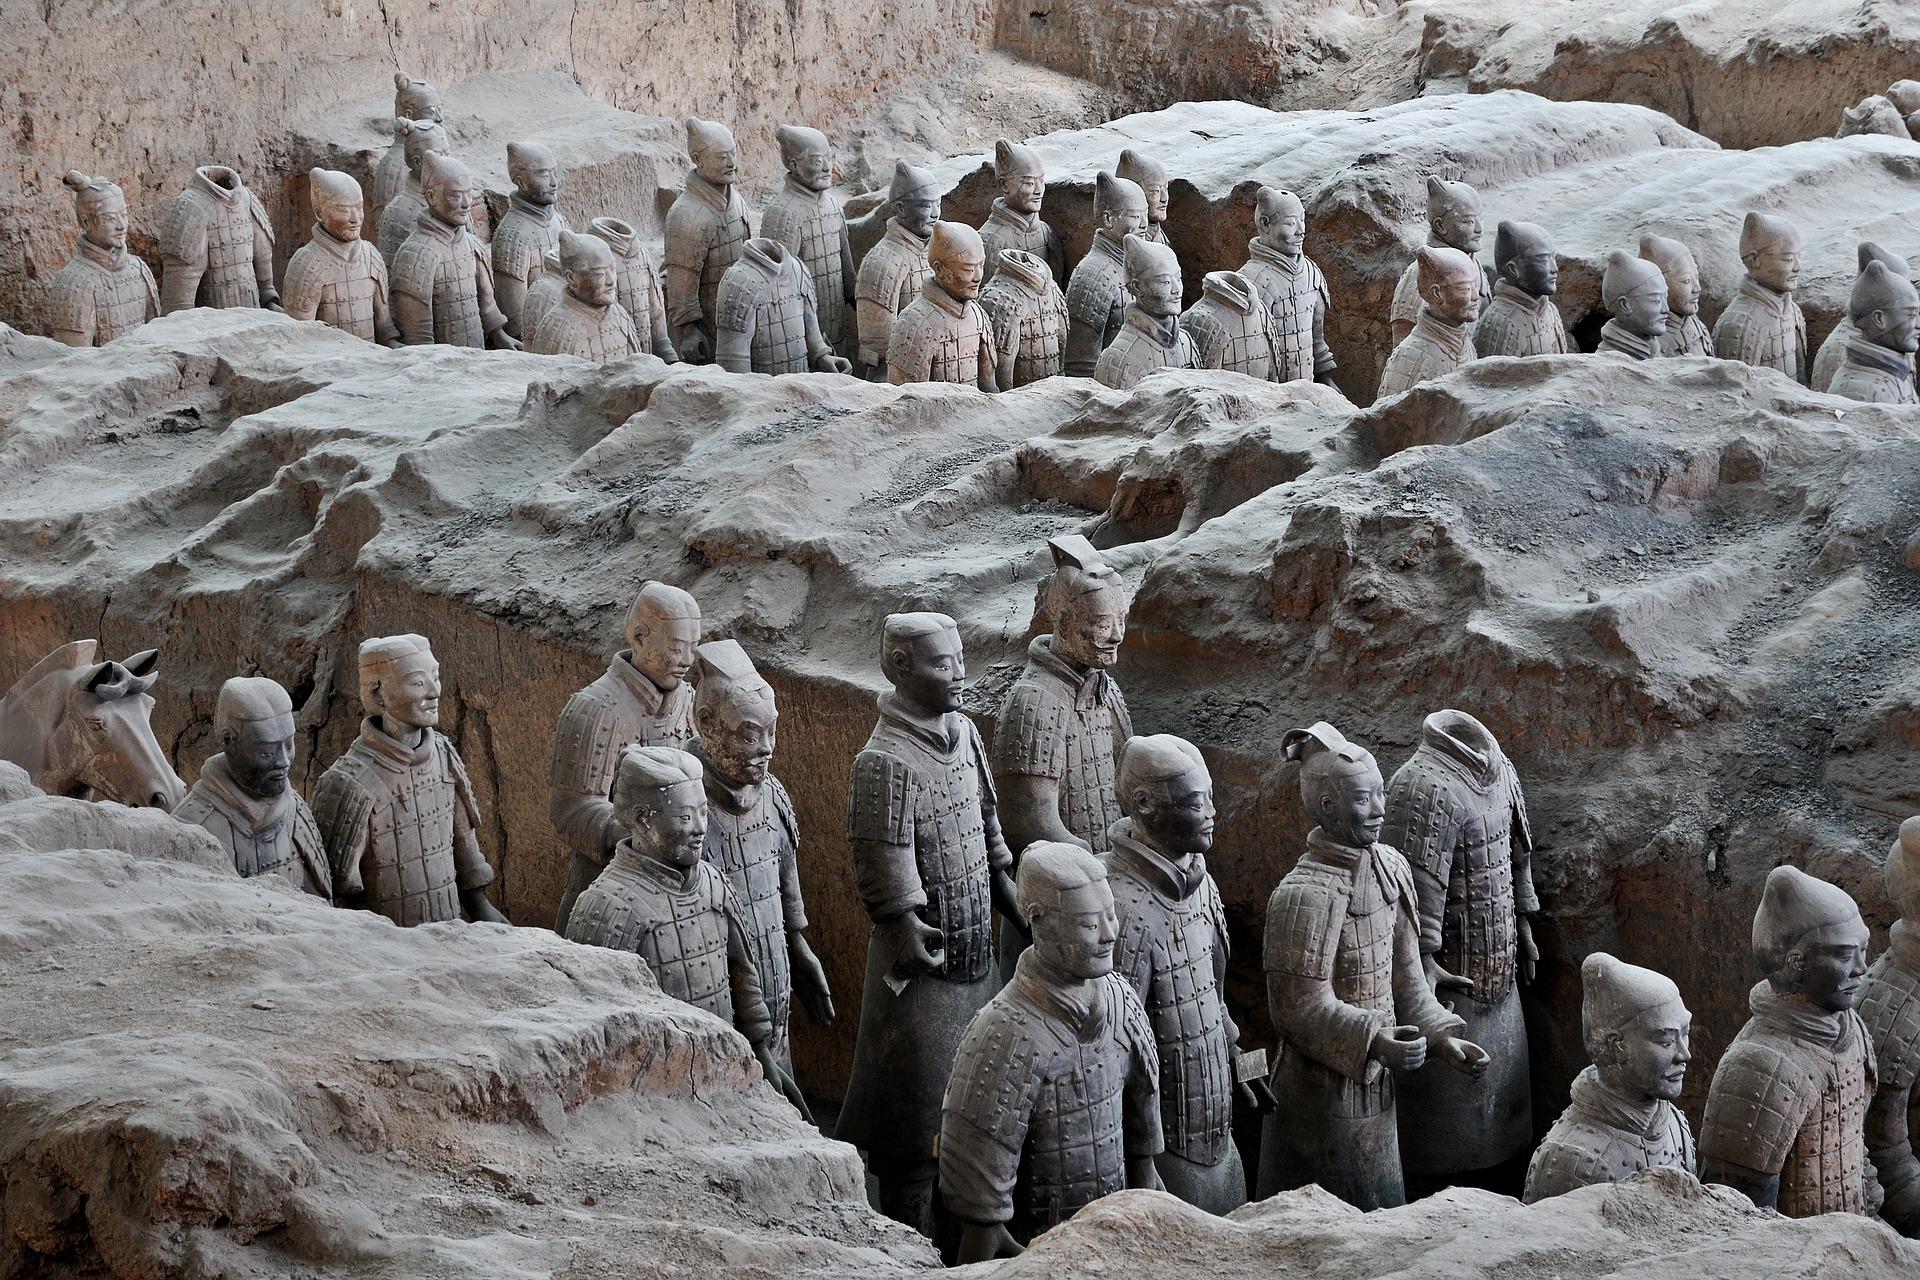 Ejercito de terracota Xian viaje a china y japón